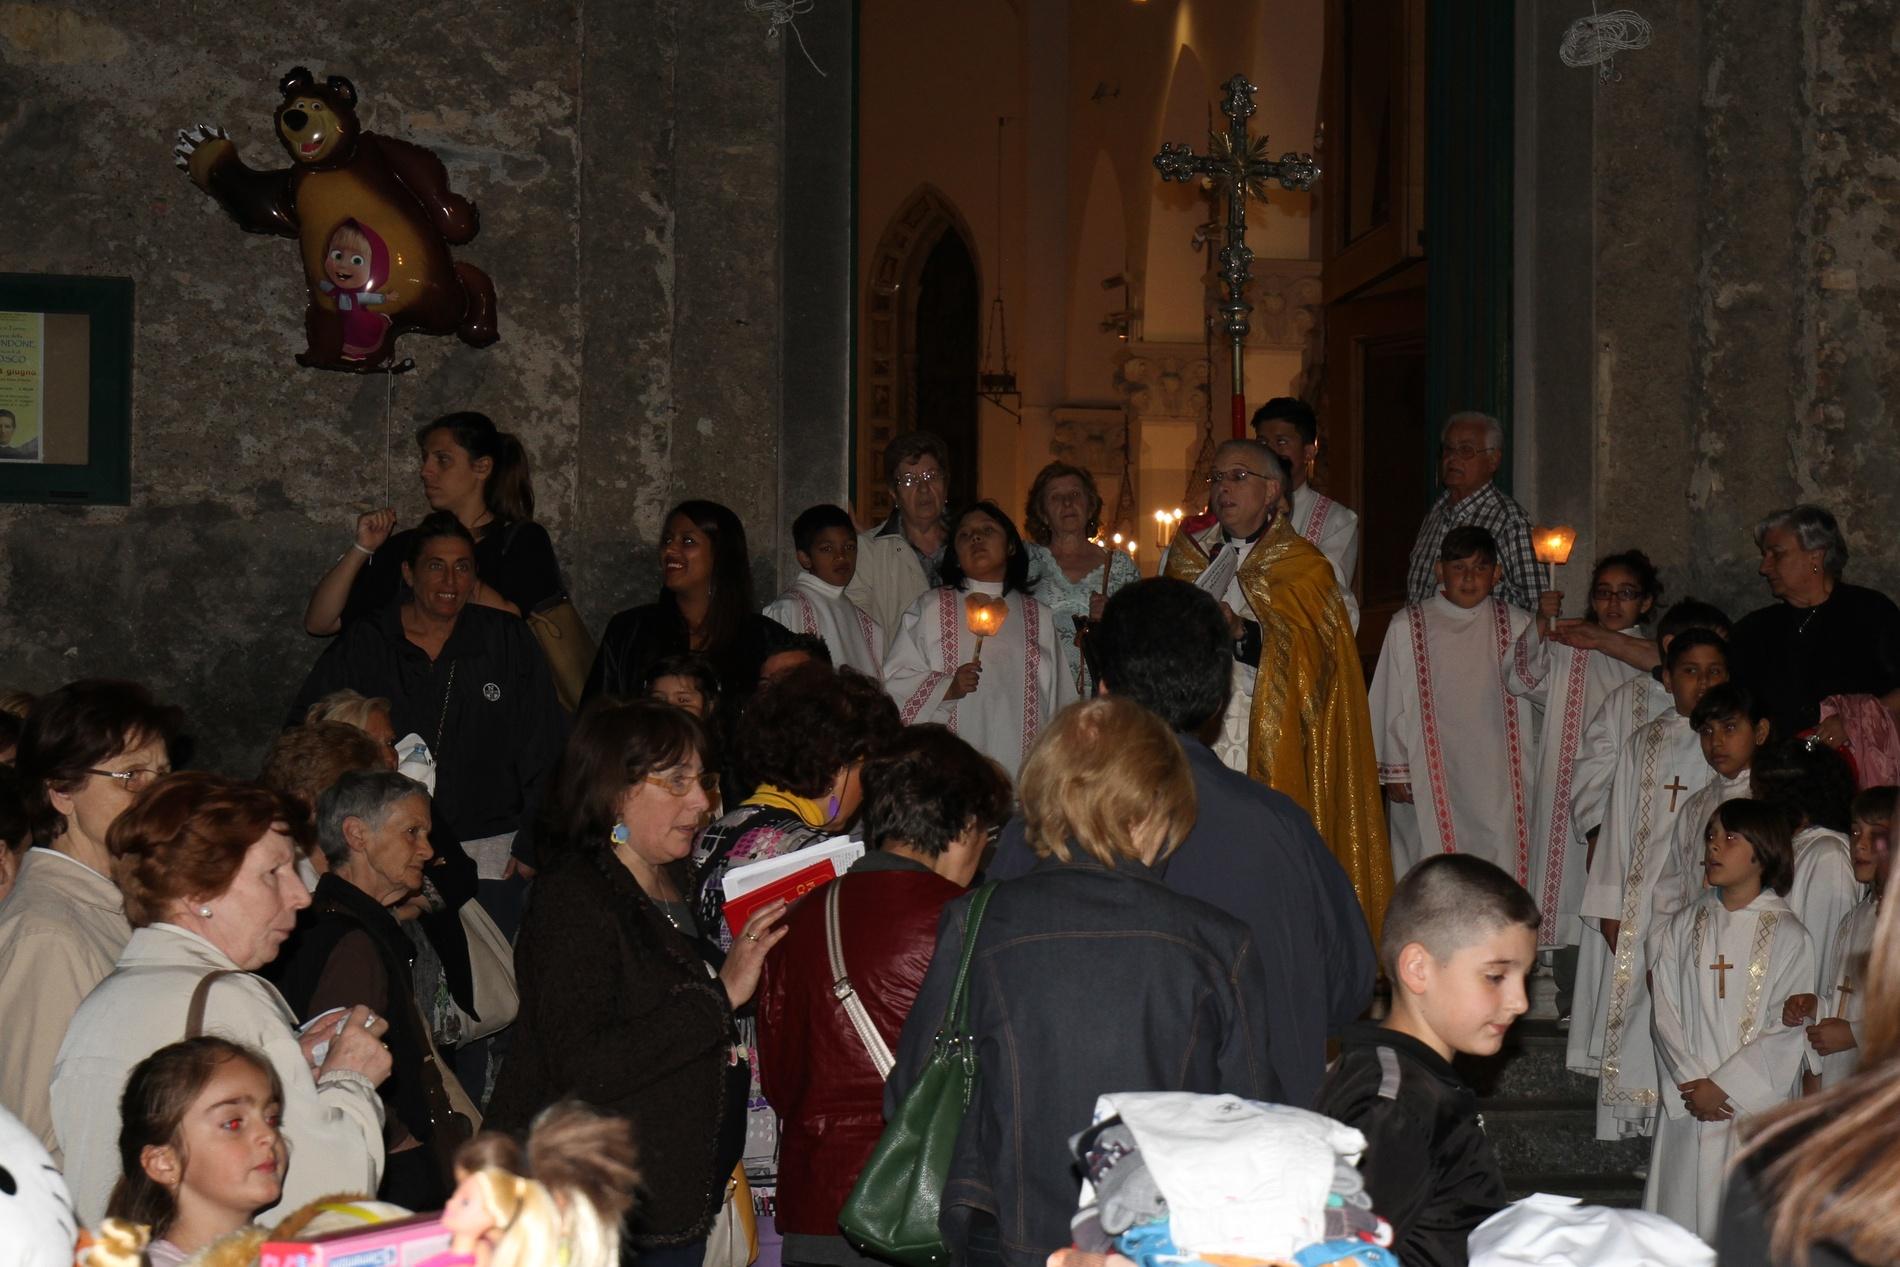 processione-madonna-2015-05-31-21-41-19